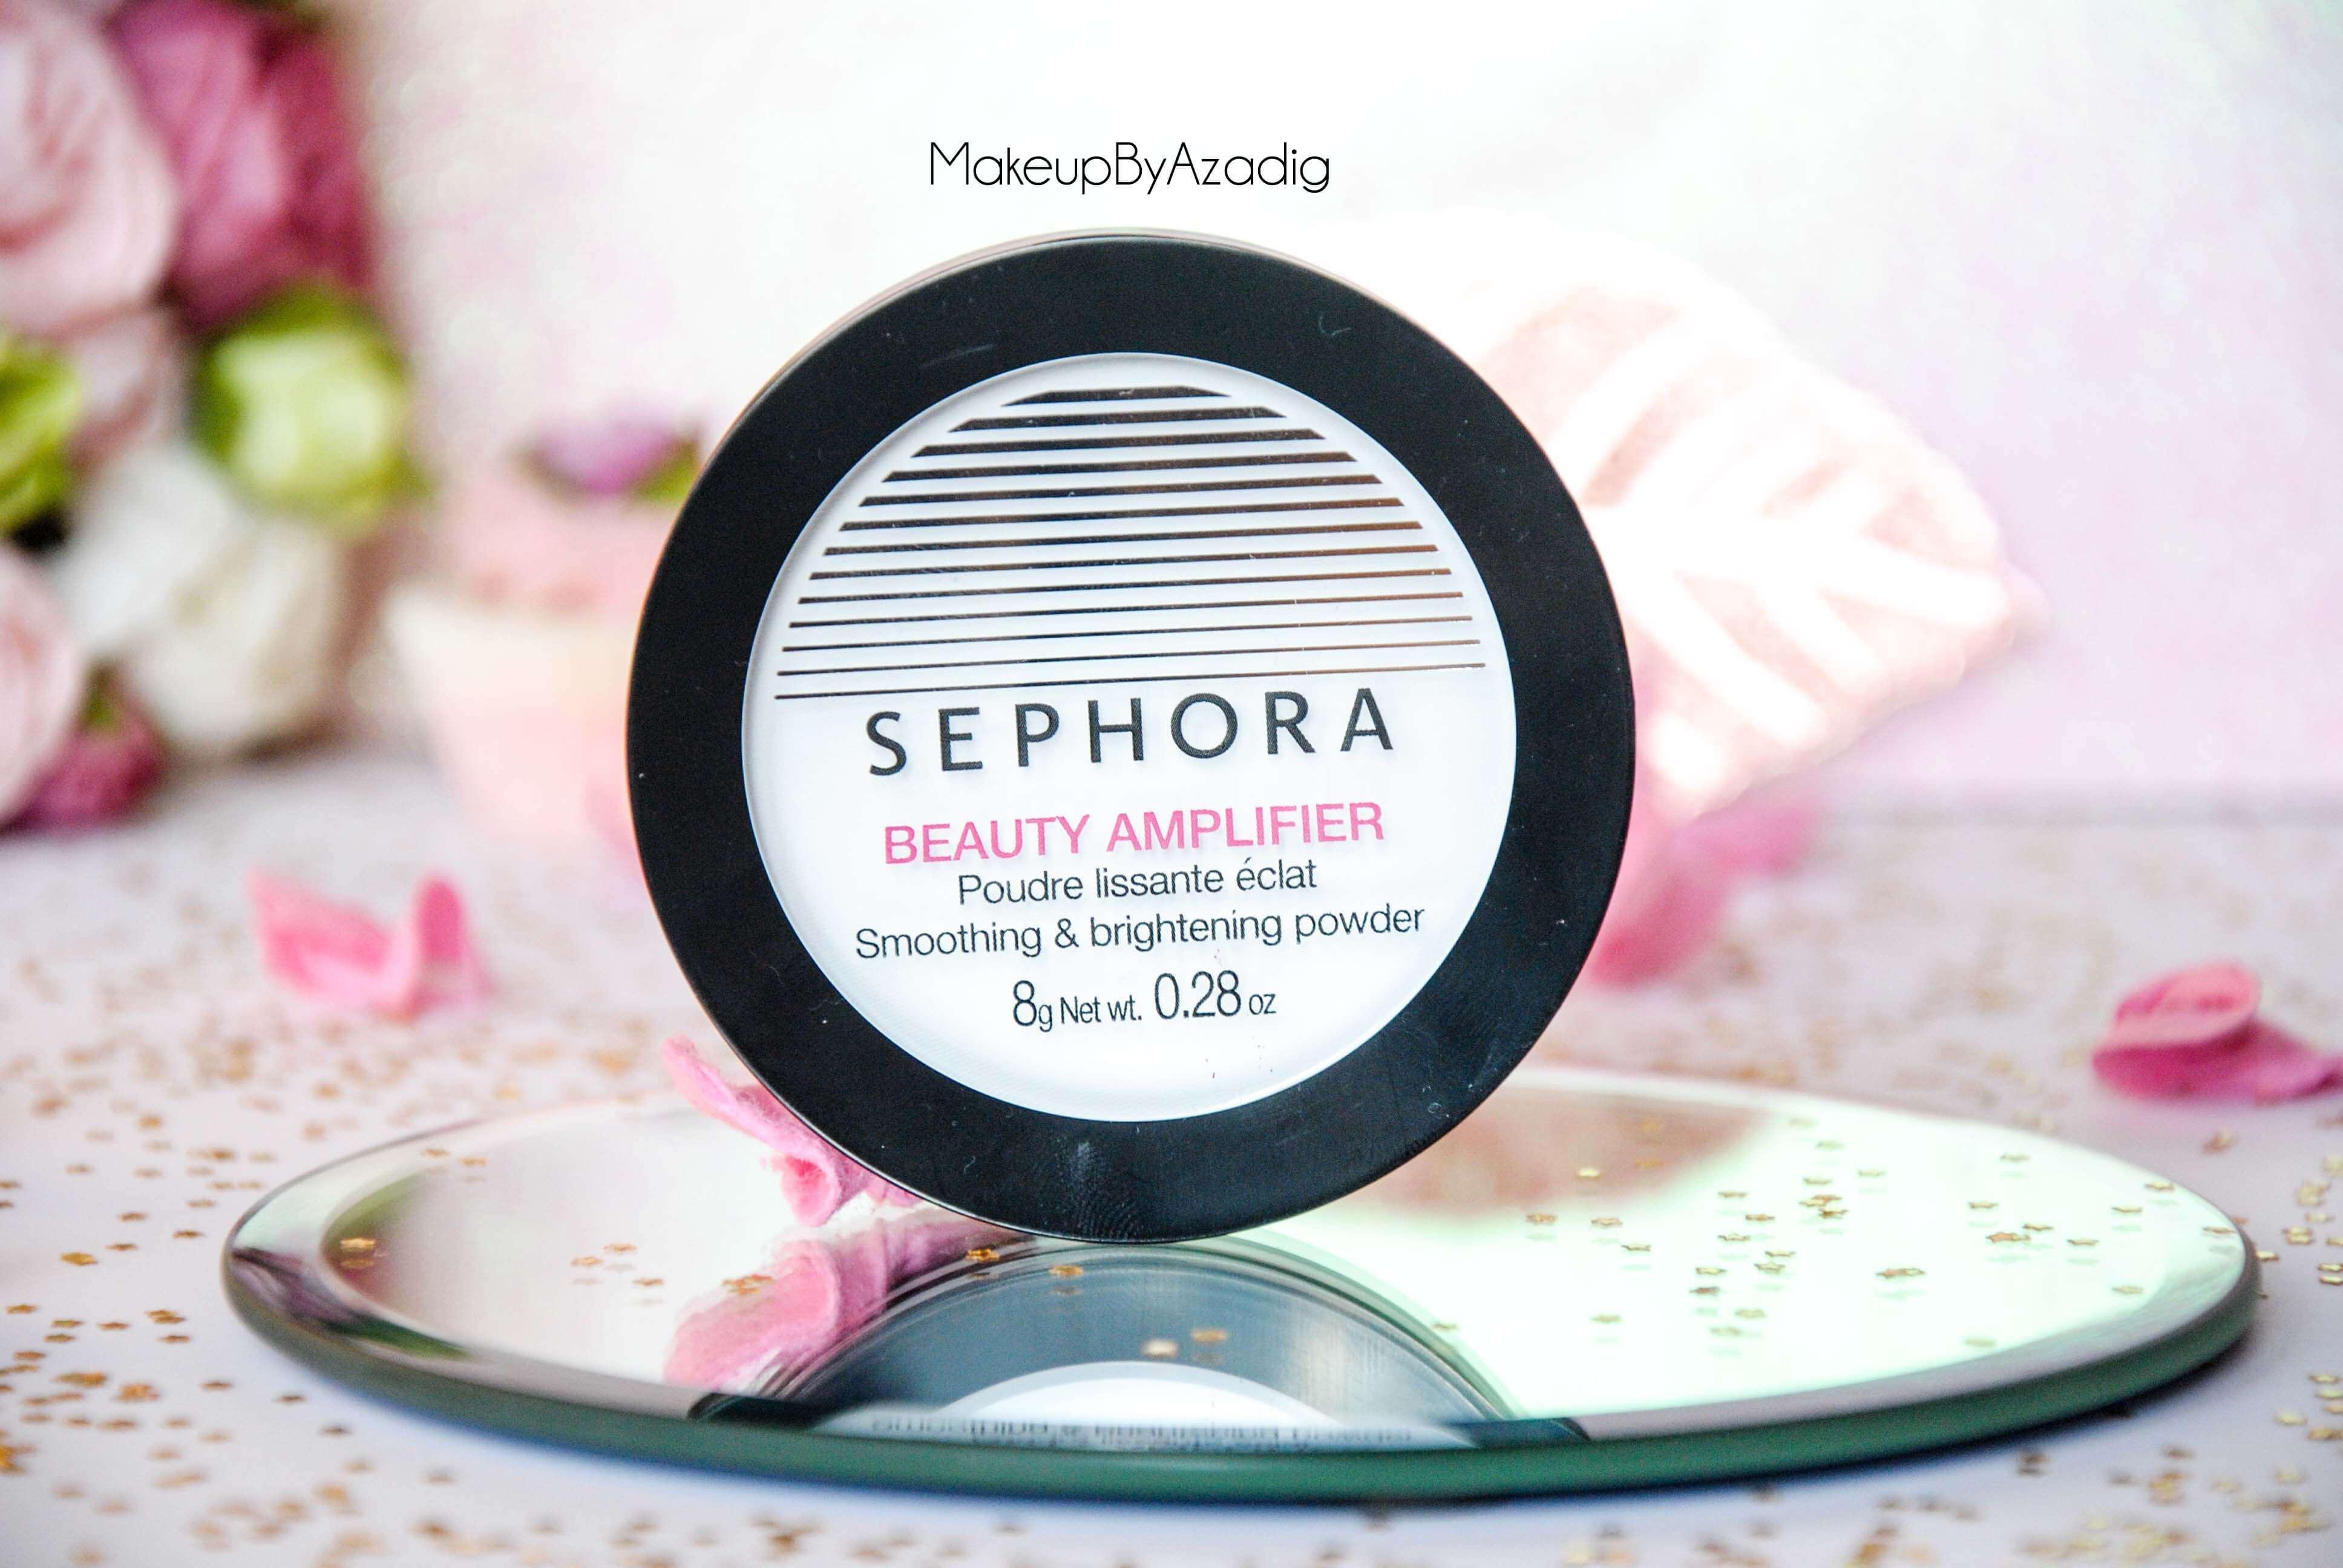 poudre-matifiante-beauty-amplifier-sephora-paris-makeupbyazadig-troyes-revue-avis-prix-review